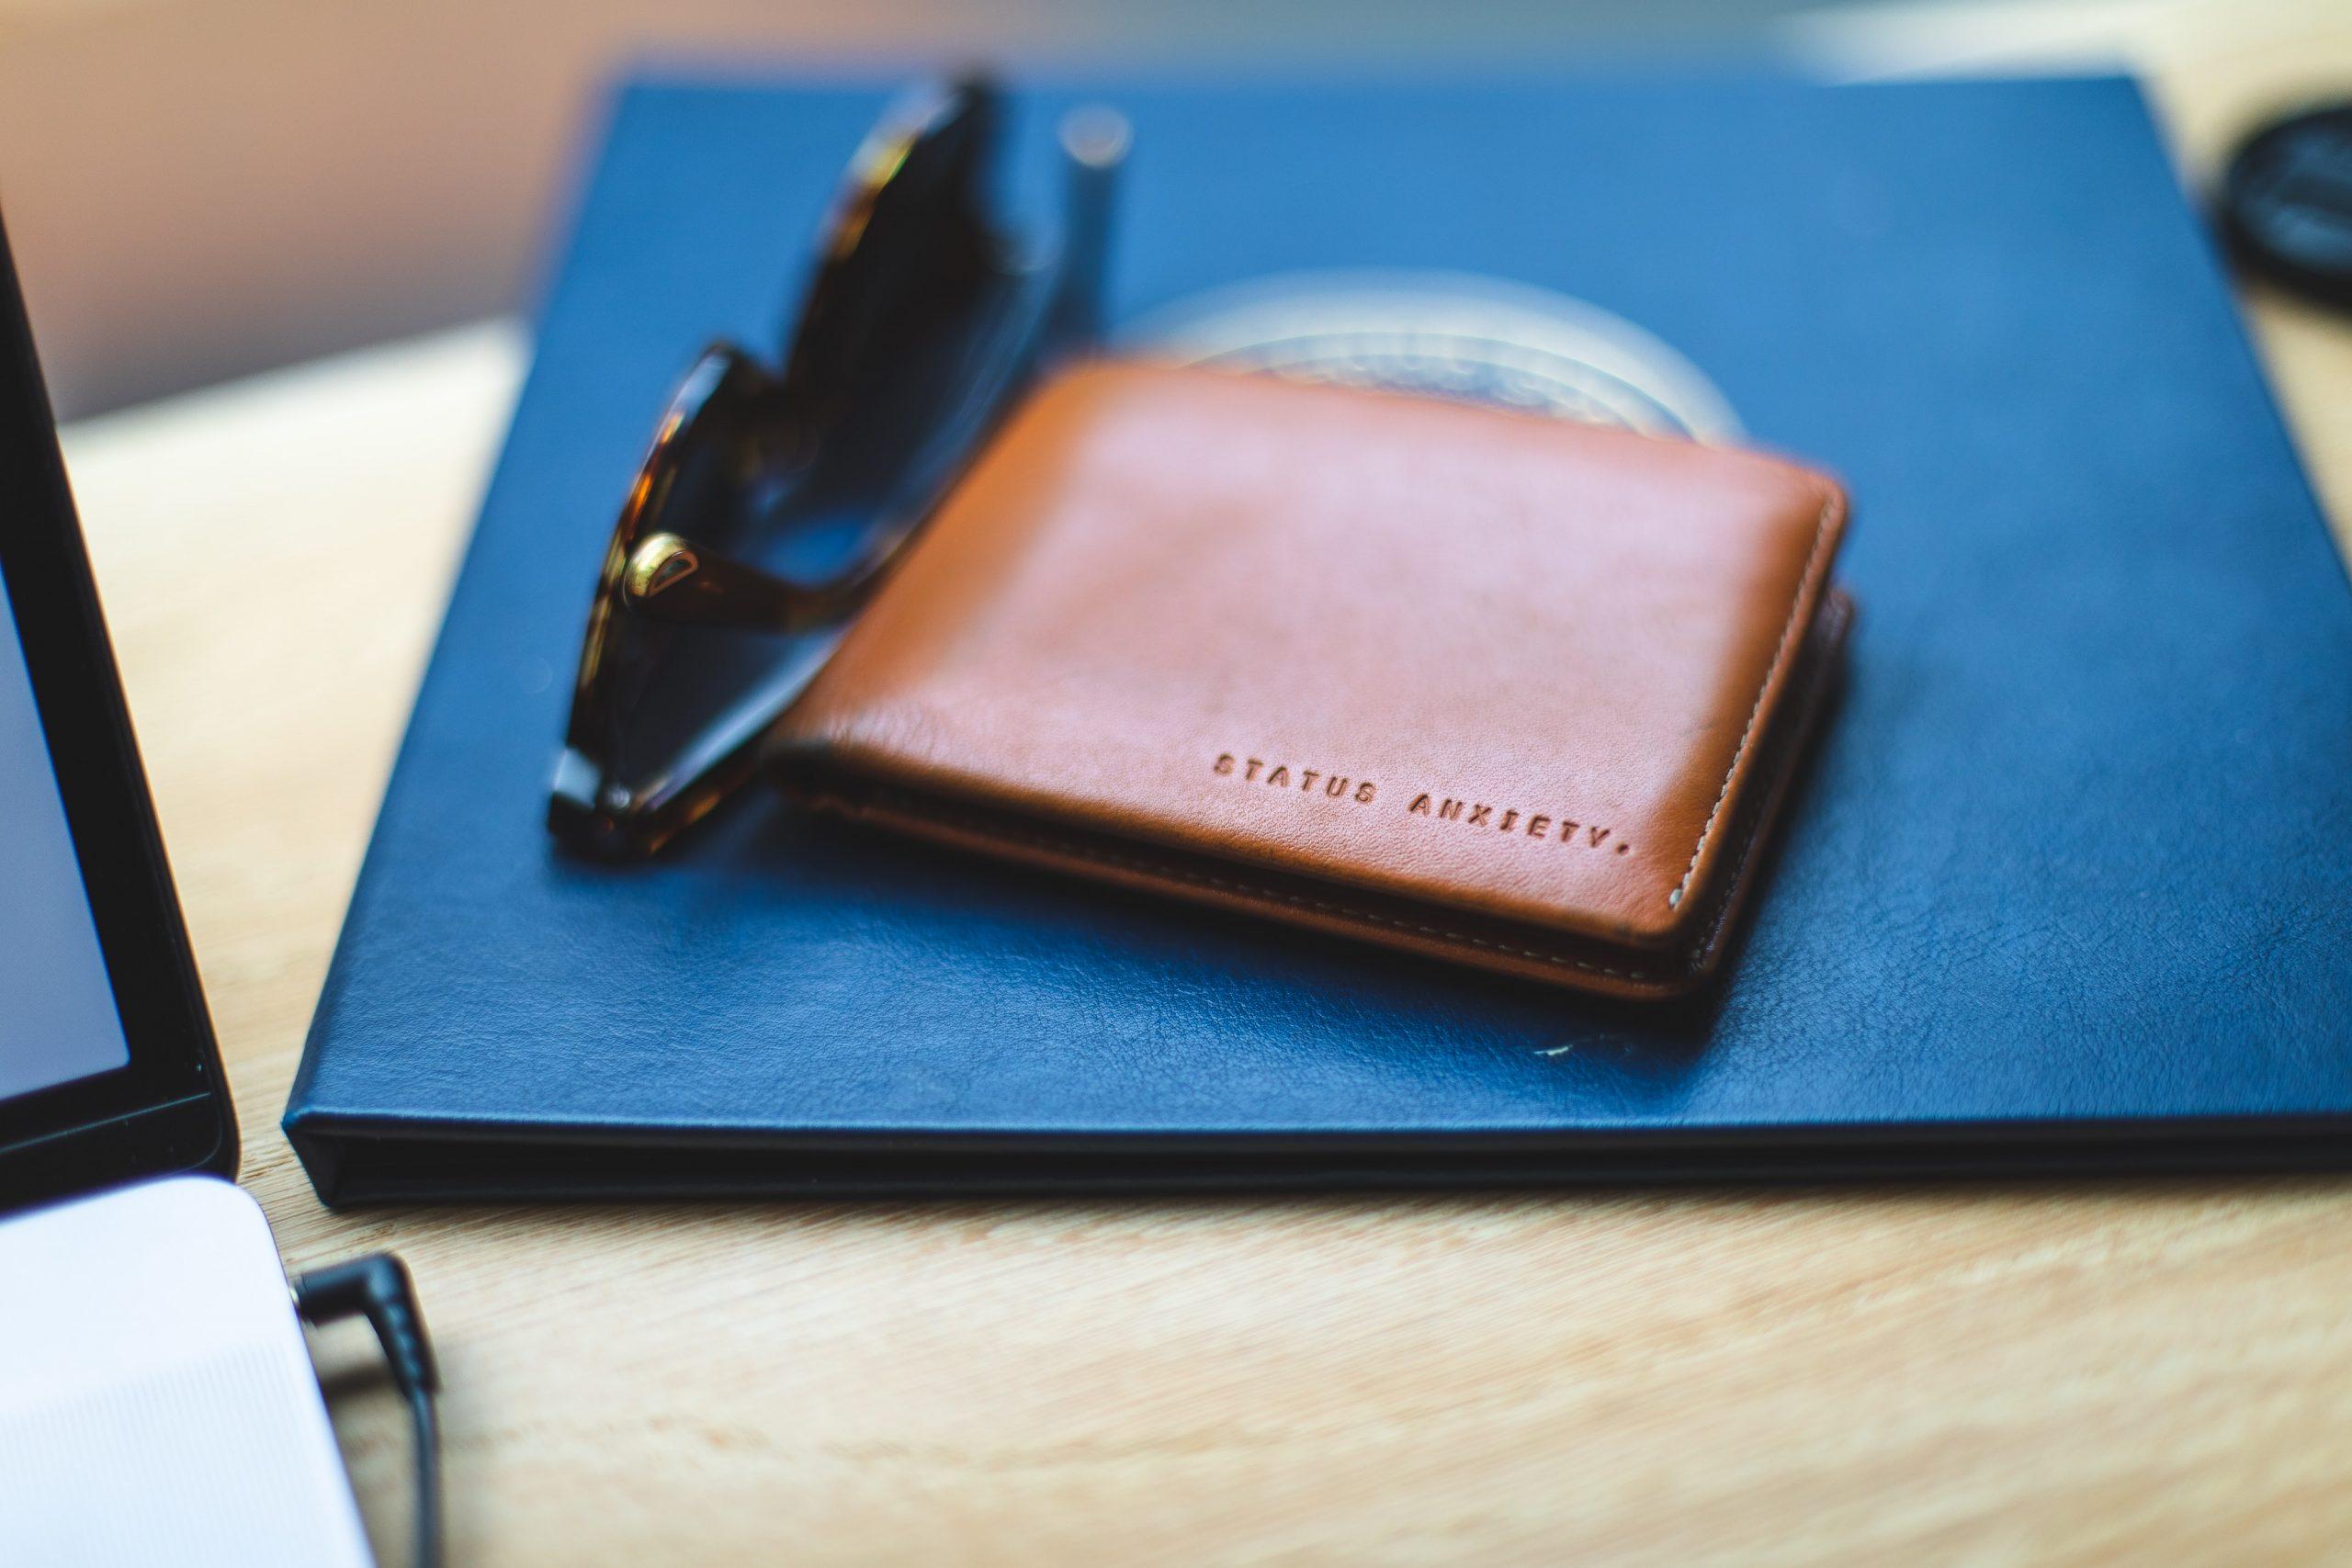 左利き用の財布を母にプレゼント~右利きにはわからないこと、調べたら色々なことが判明した~